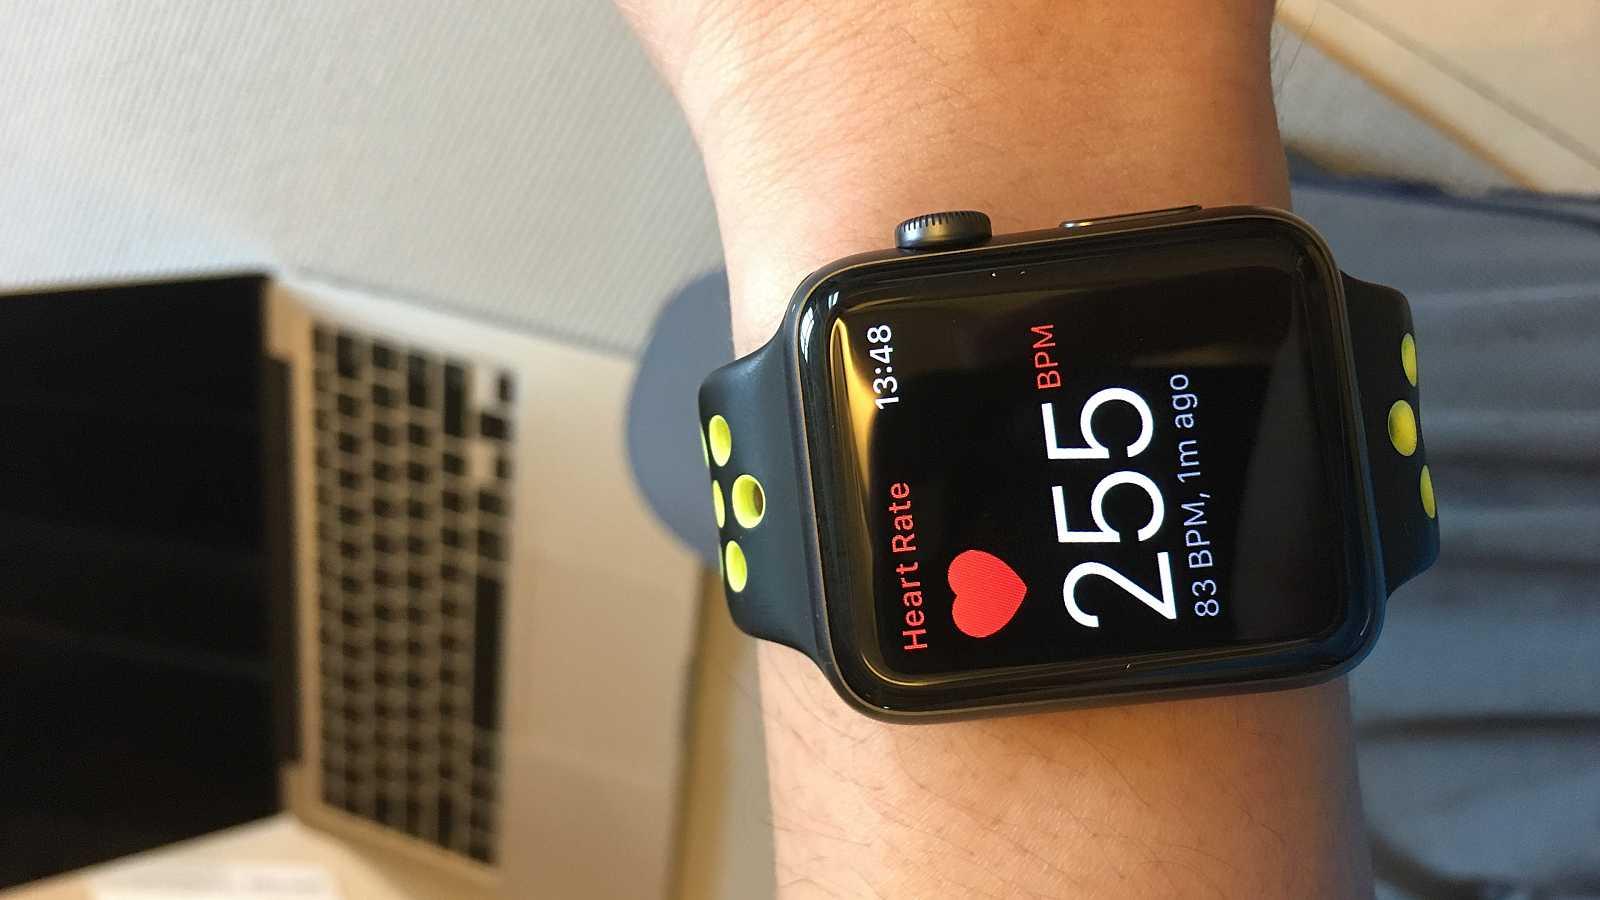 El electrocardiograma completo funciona con los Apple Watch de las series 4 y 5.